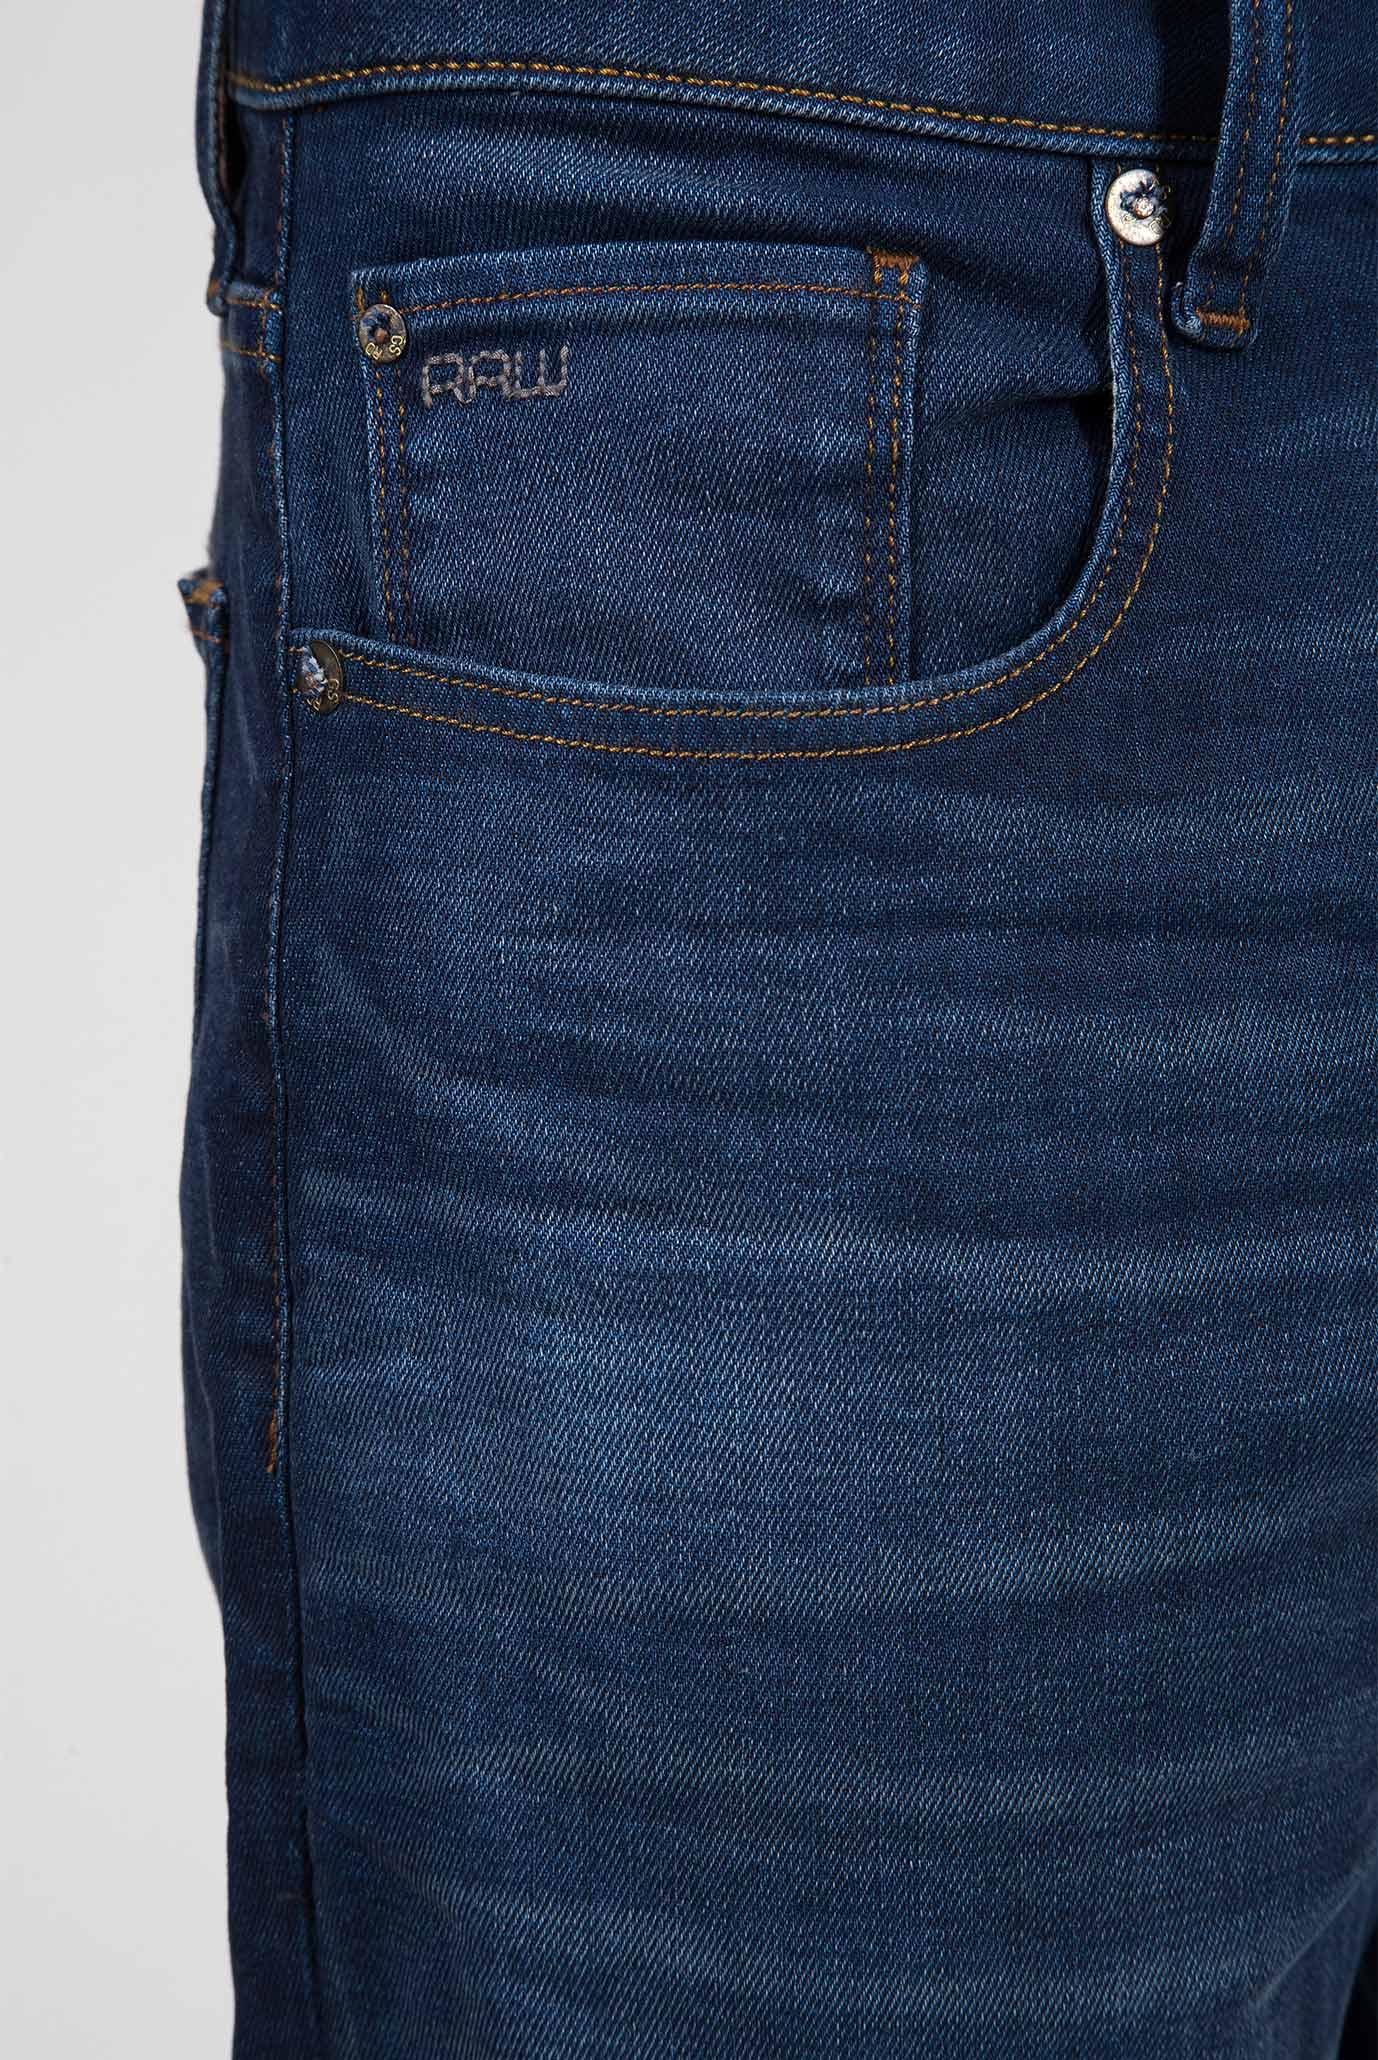 Купить Мужские темно-синие джинсы 3301 Slim G-Star RAW G-Star RAW 51001,A088 – Киев, Украина. Цены в интернет магазине MD Fashion